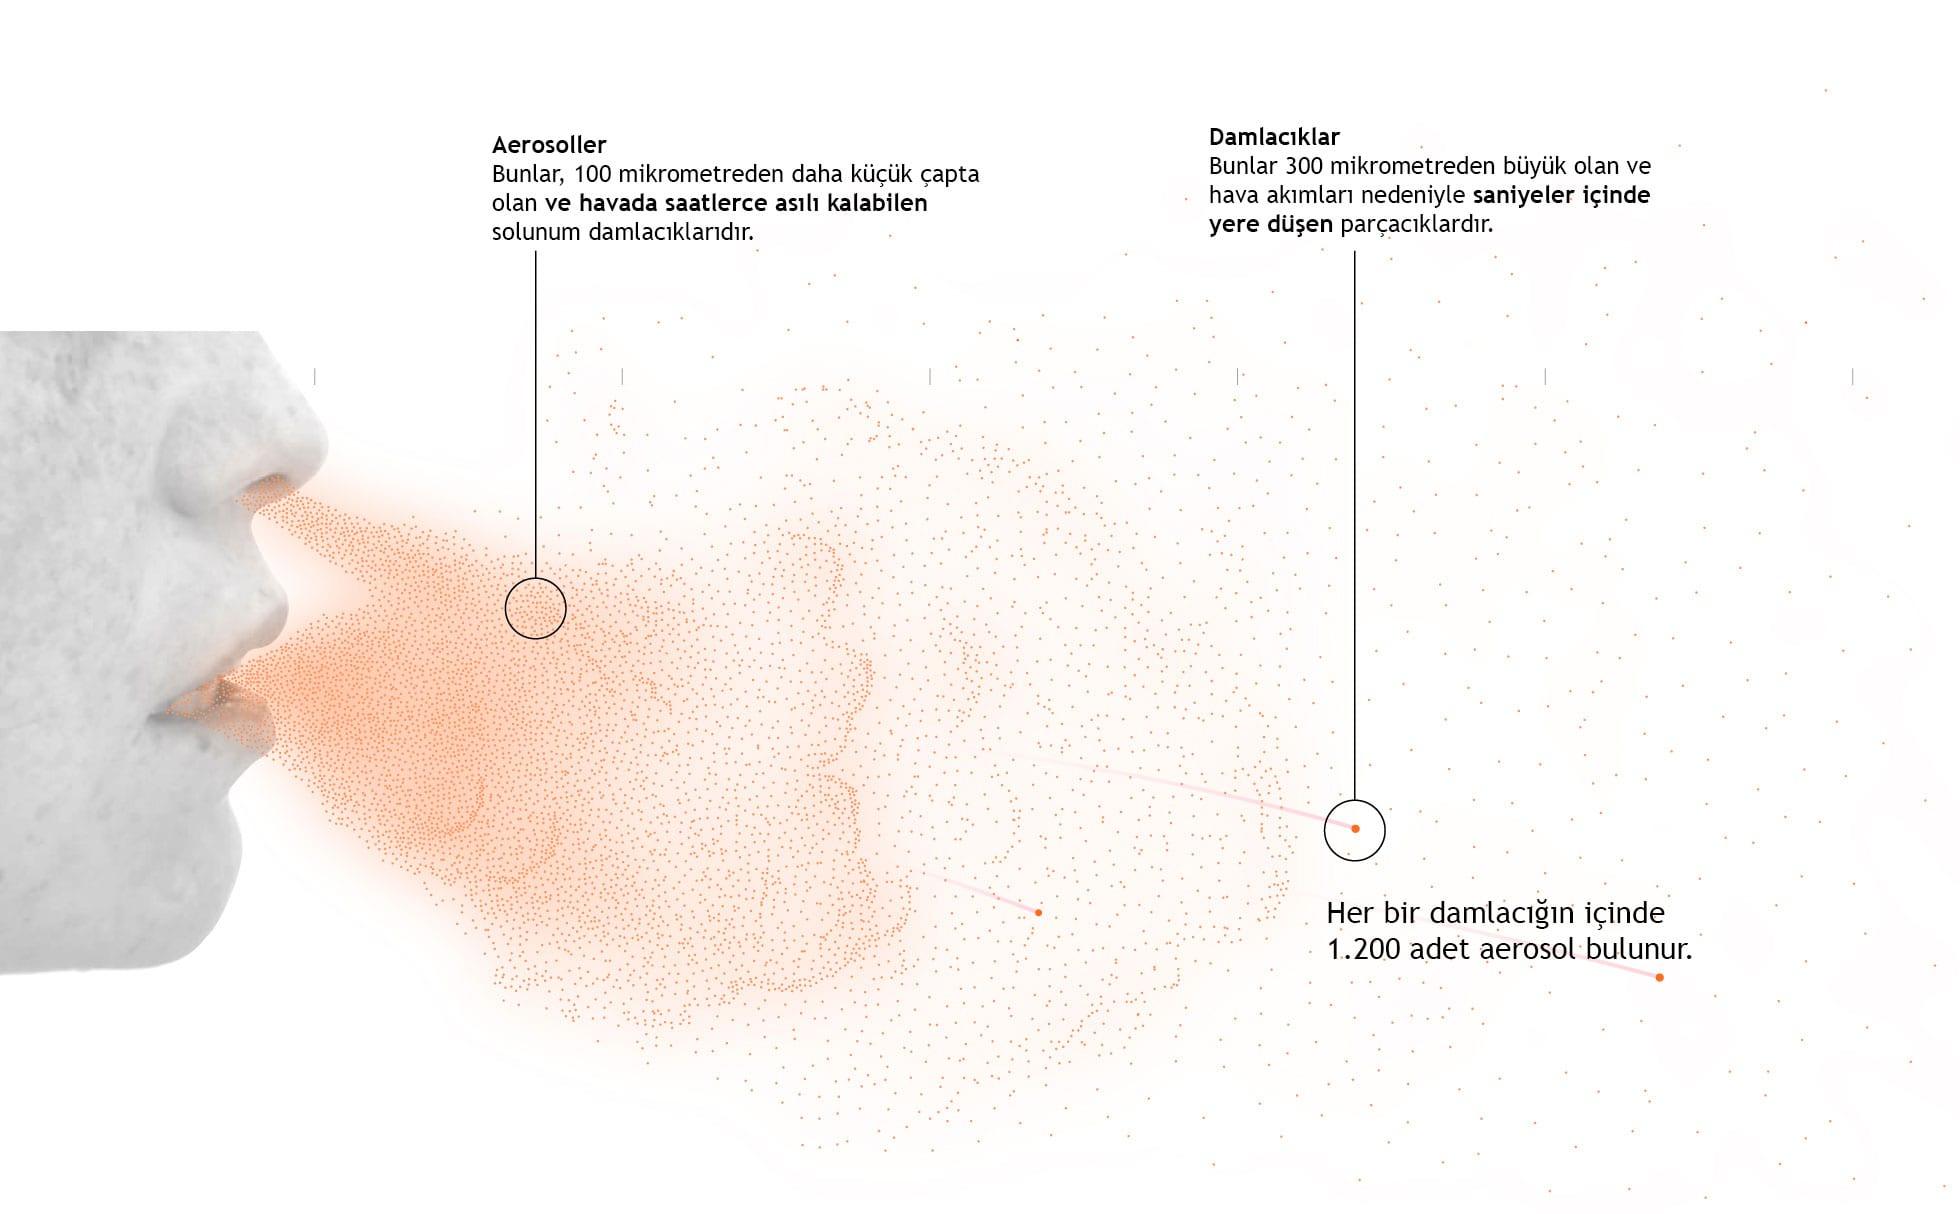 Koronavirüs Aerosoller - Damlacıklar